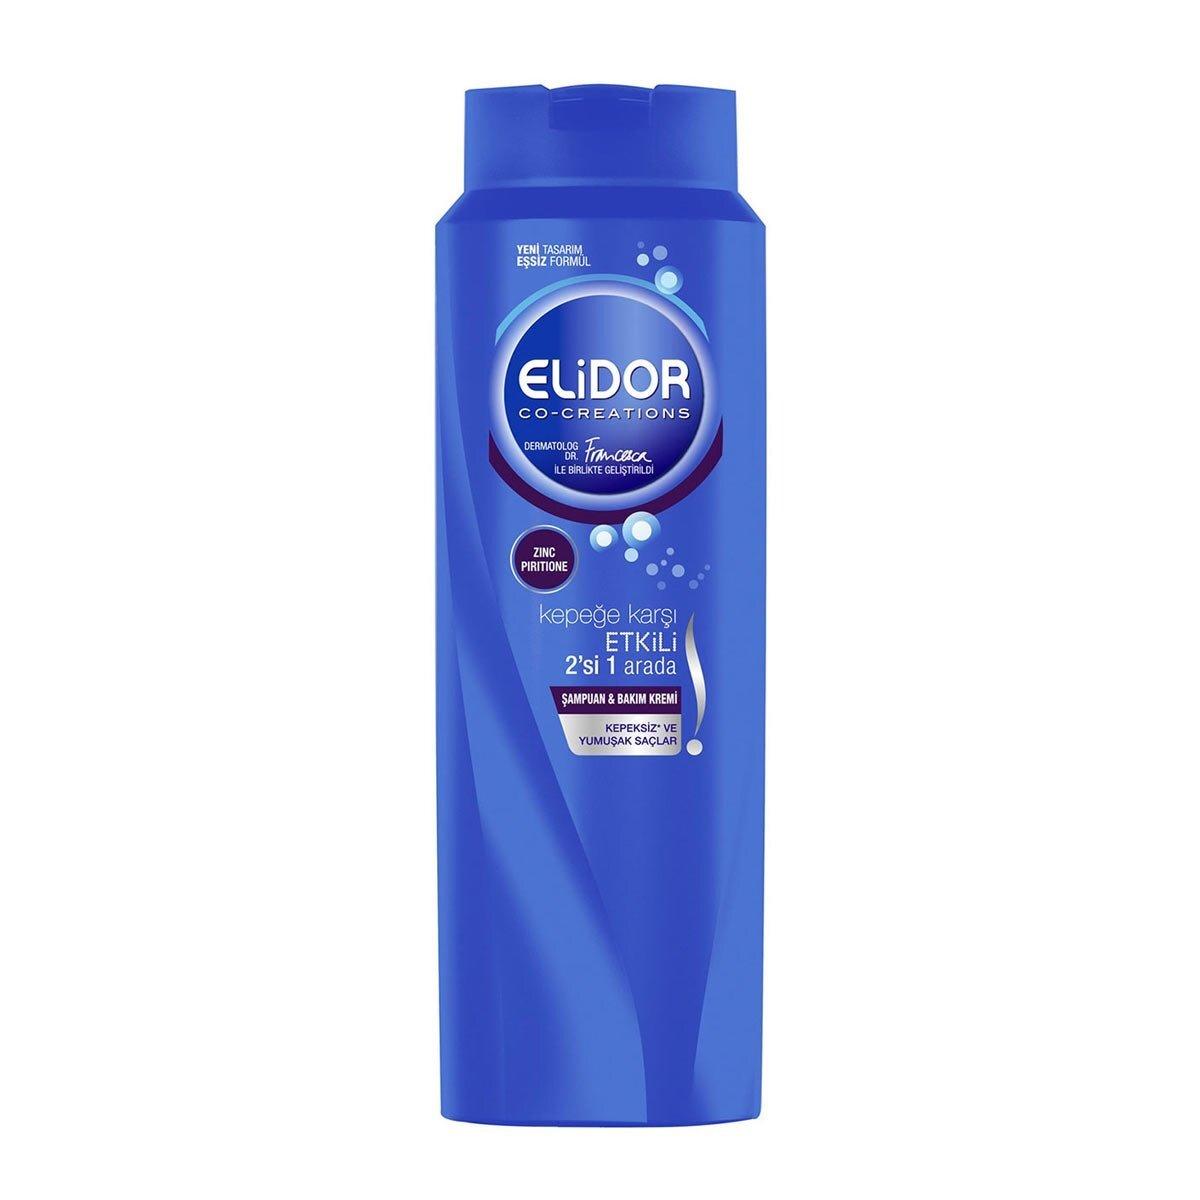 Kepeğe Karşı Etkili 2'si 1 Arada Şampuan 500 ml